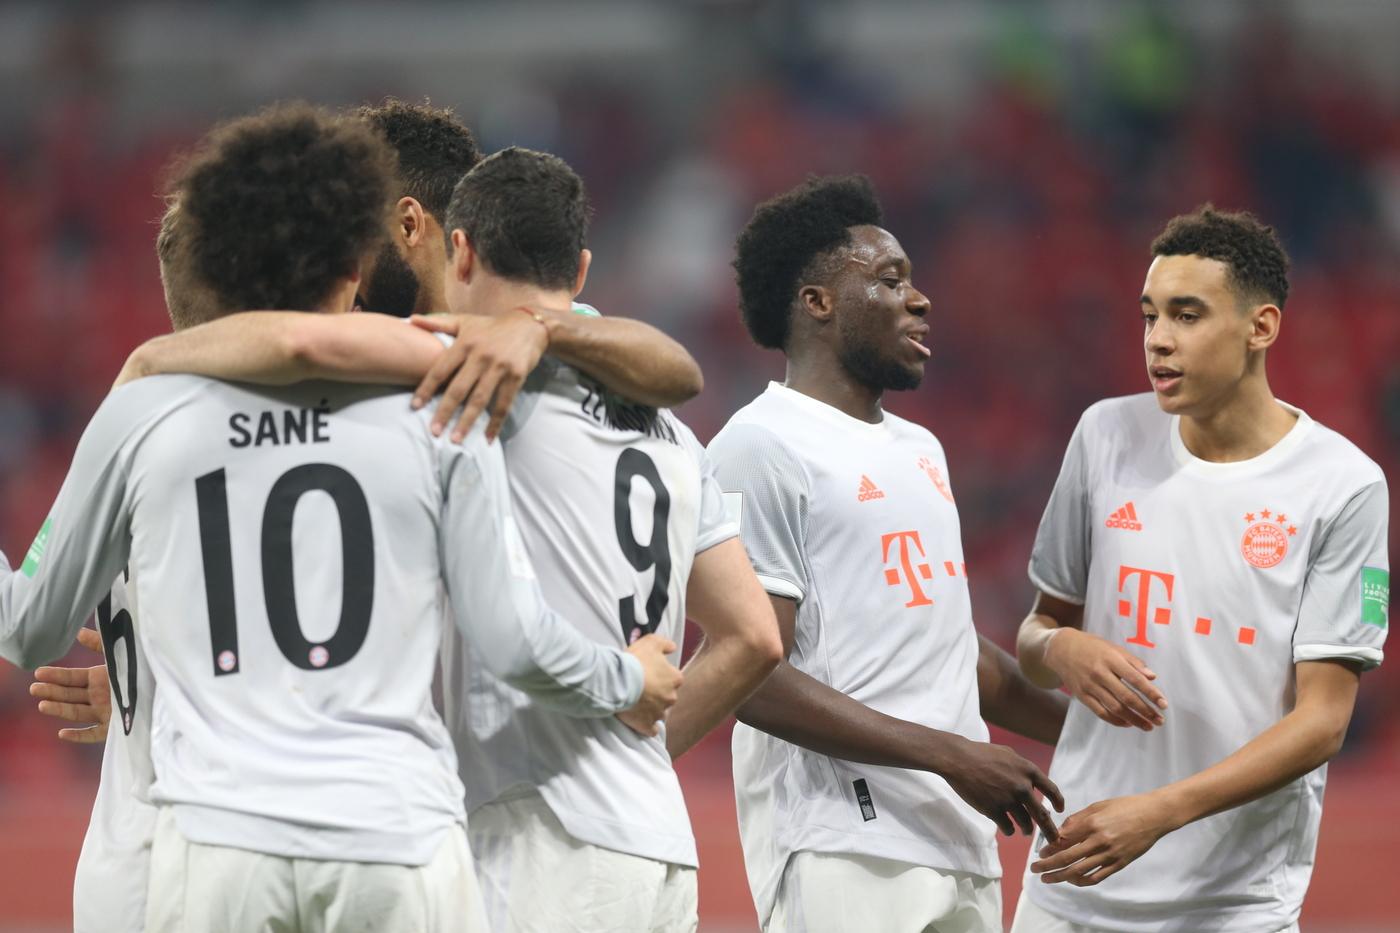 Semifinale Coppa del mondo per club - FC Bayern Monaco vs Al Ahly